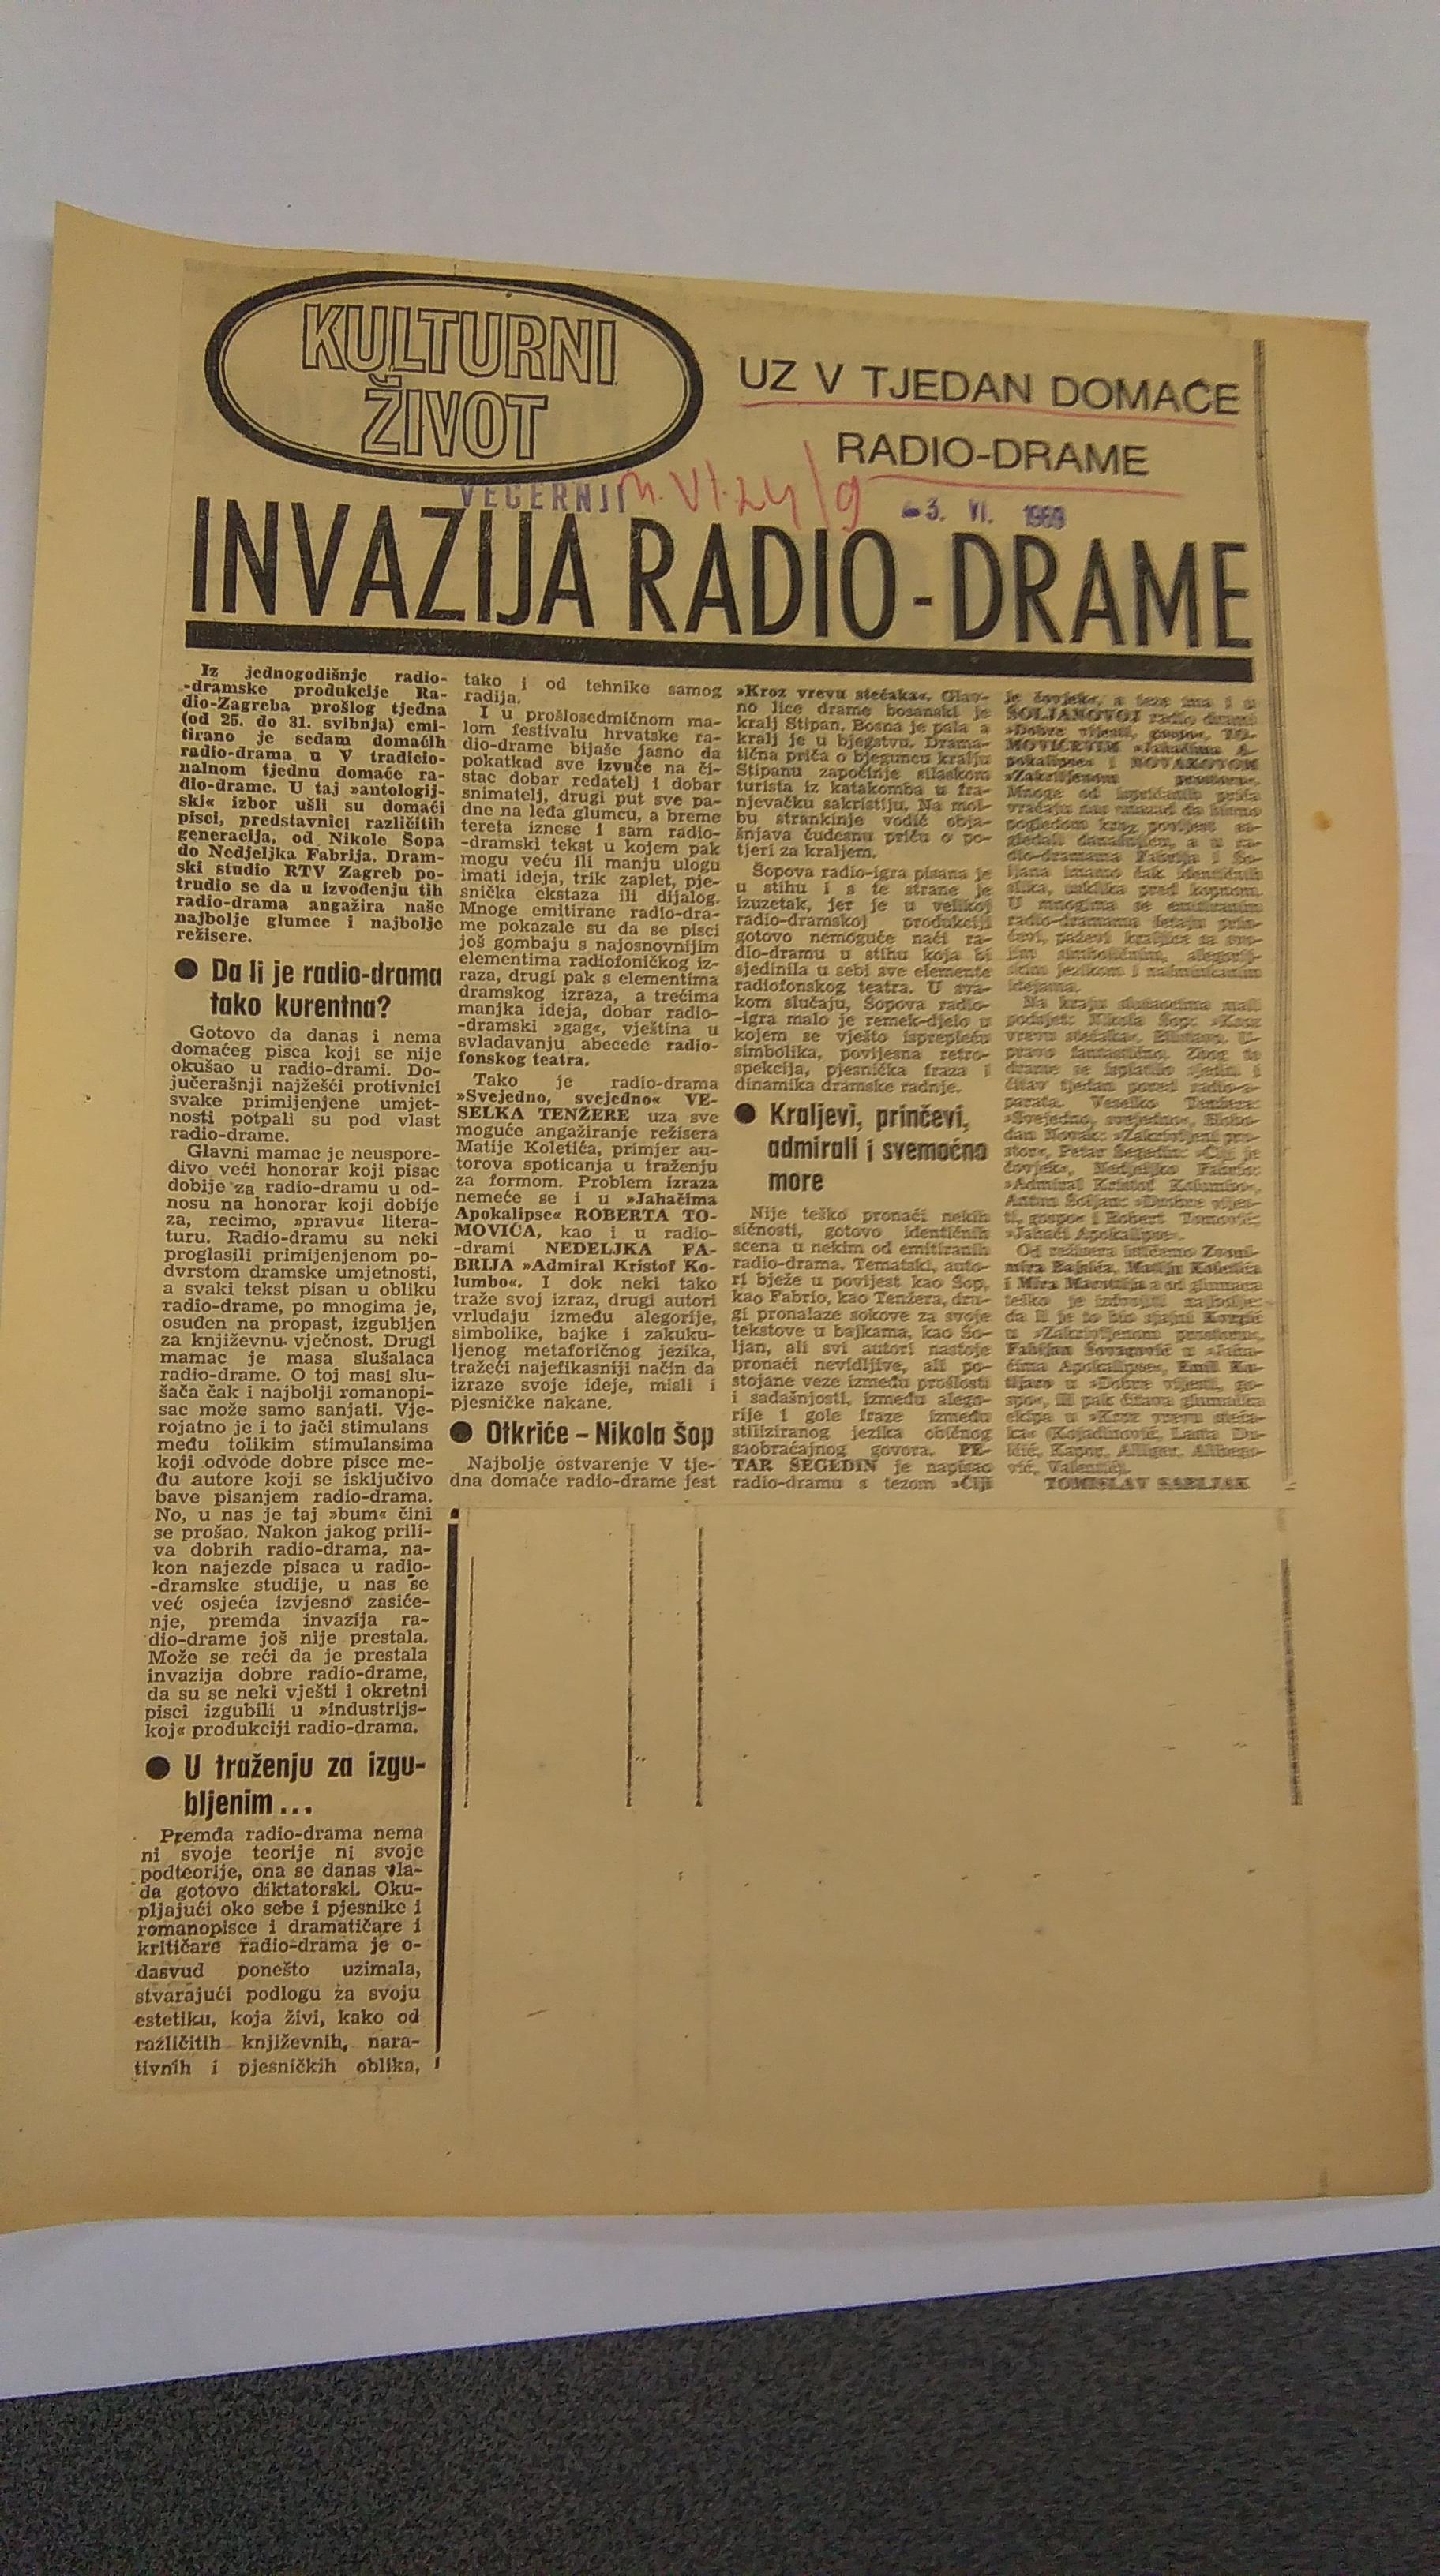 Peti Tjedan radiodrame